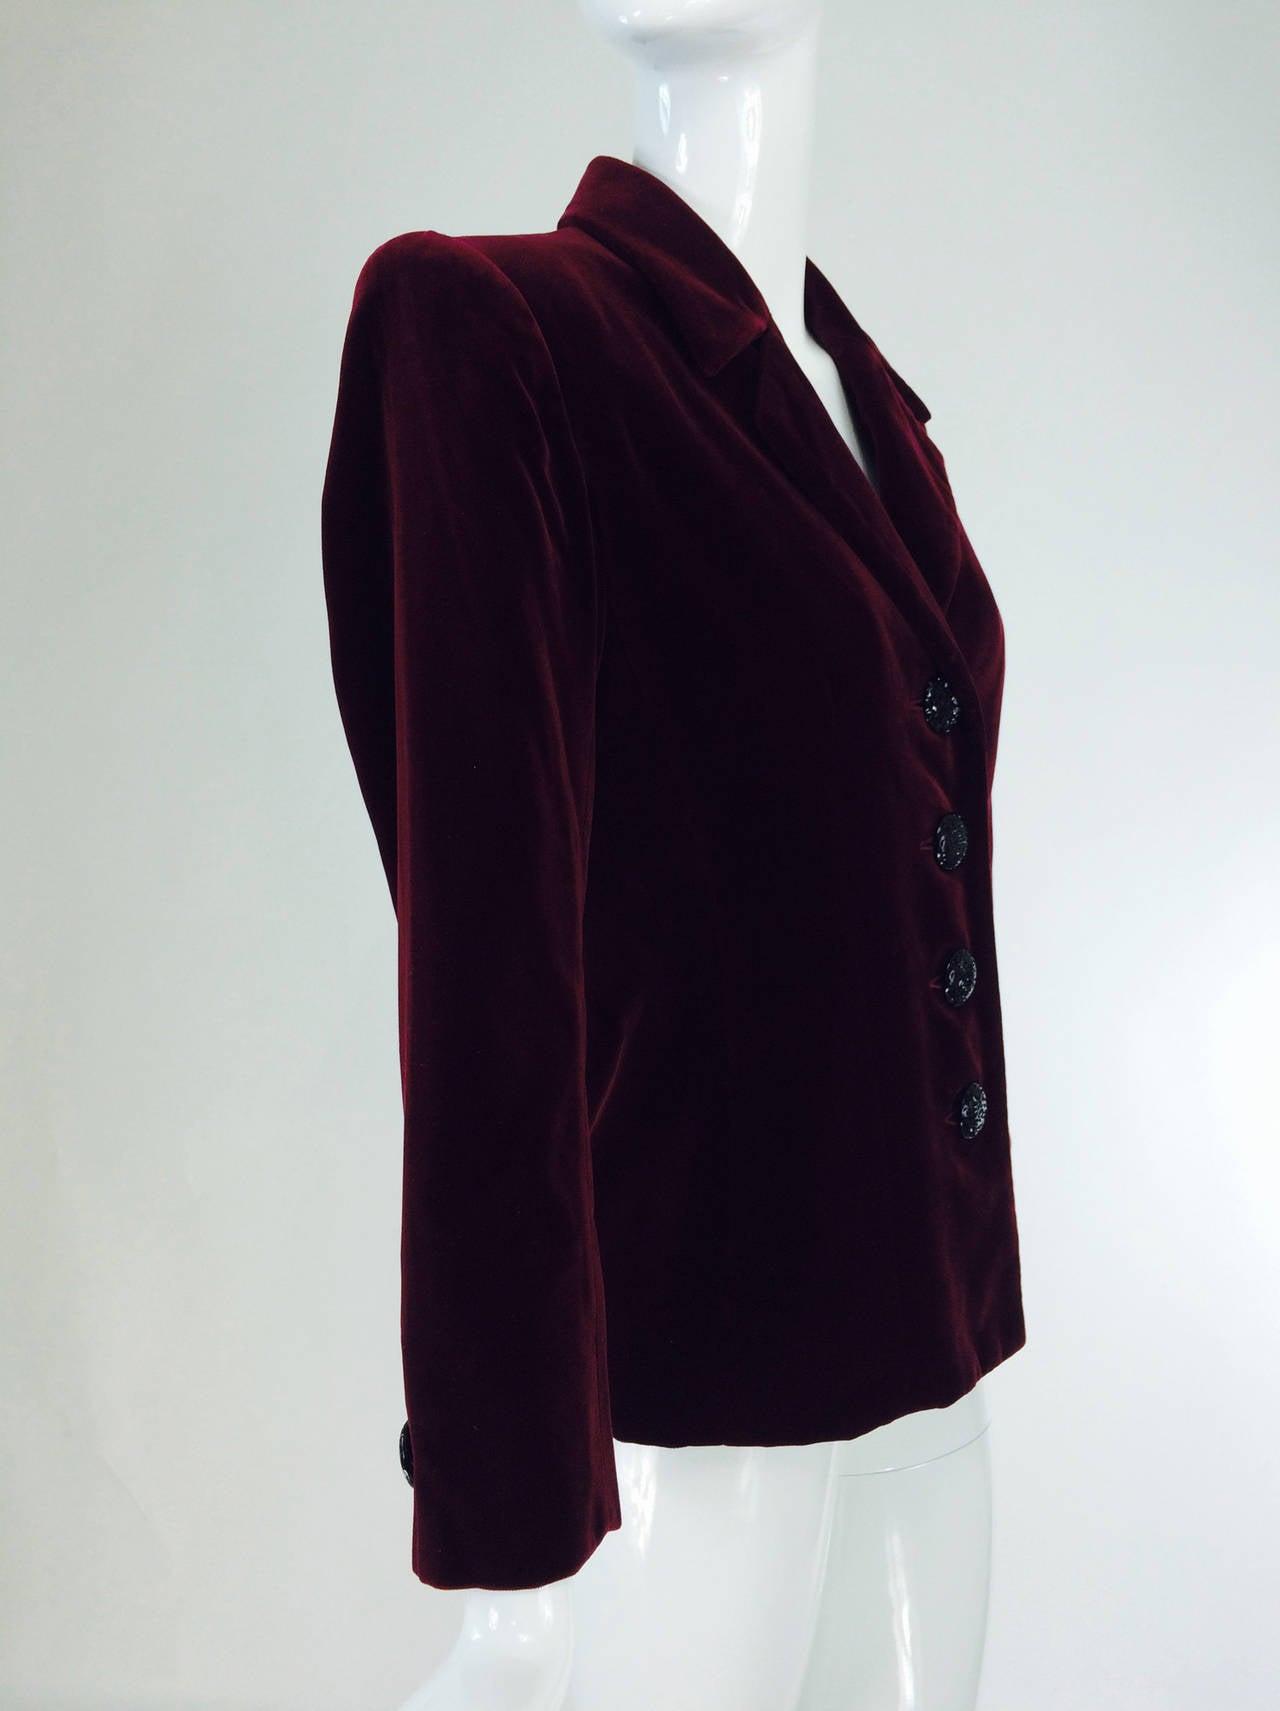 Yves St Laurent Rive Gauche velvet blazer in garnet 1970s YSL 6